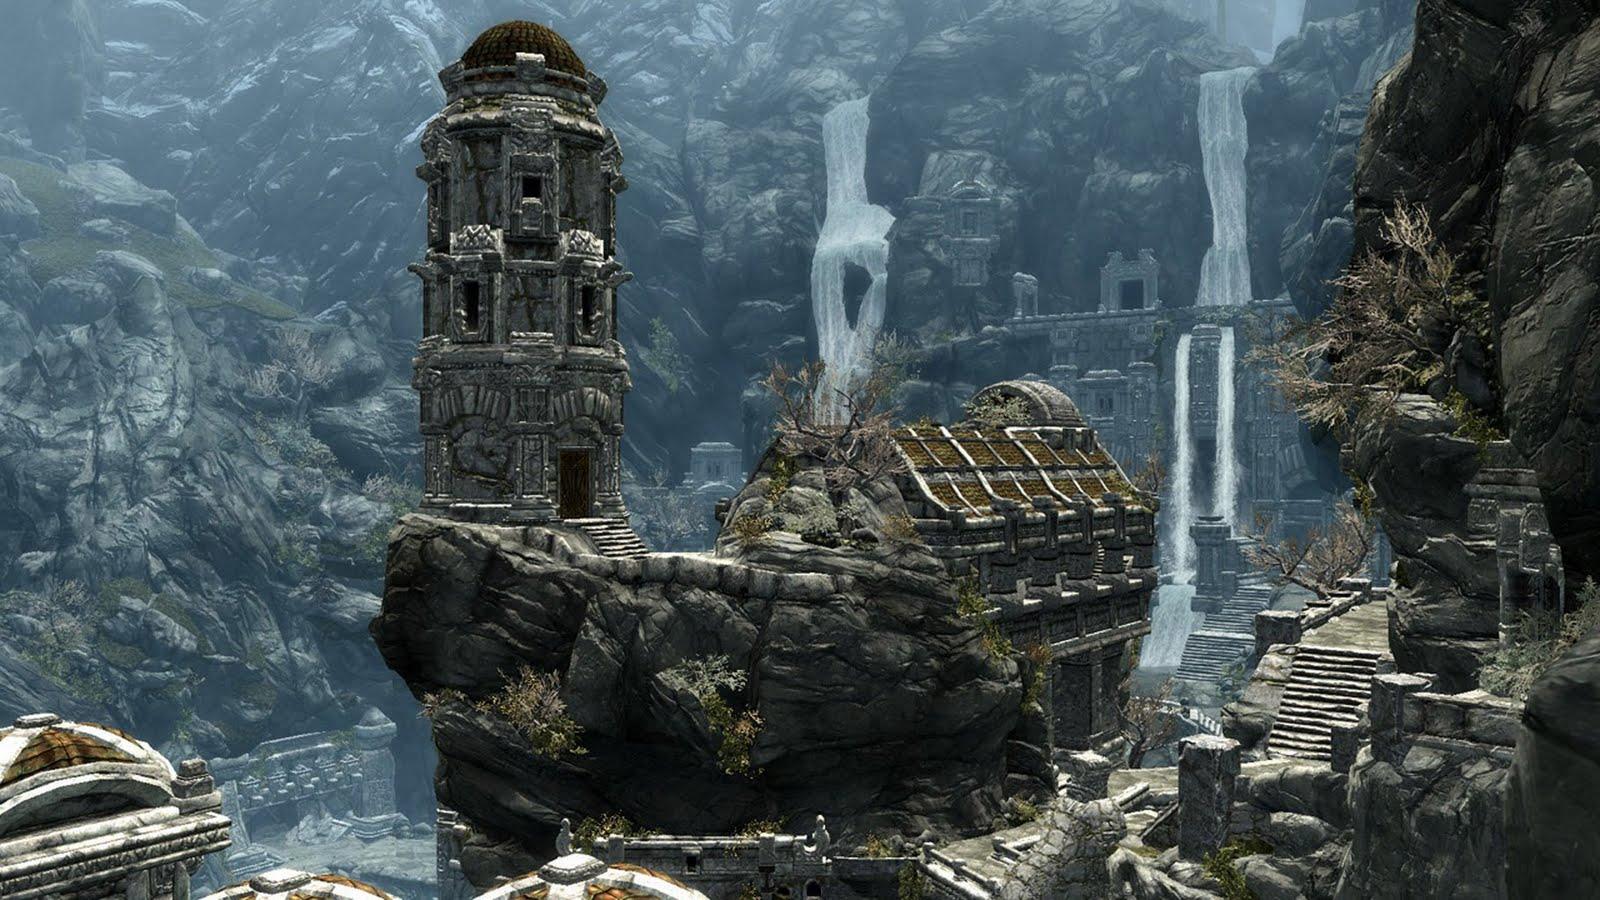 Skyrim the Elder Scrolls V wallpaper